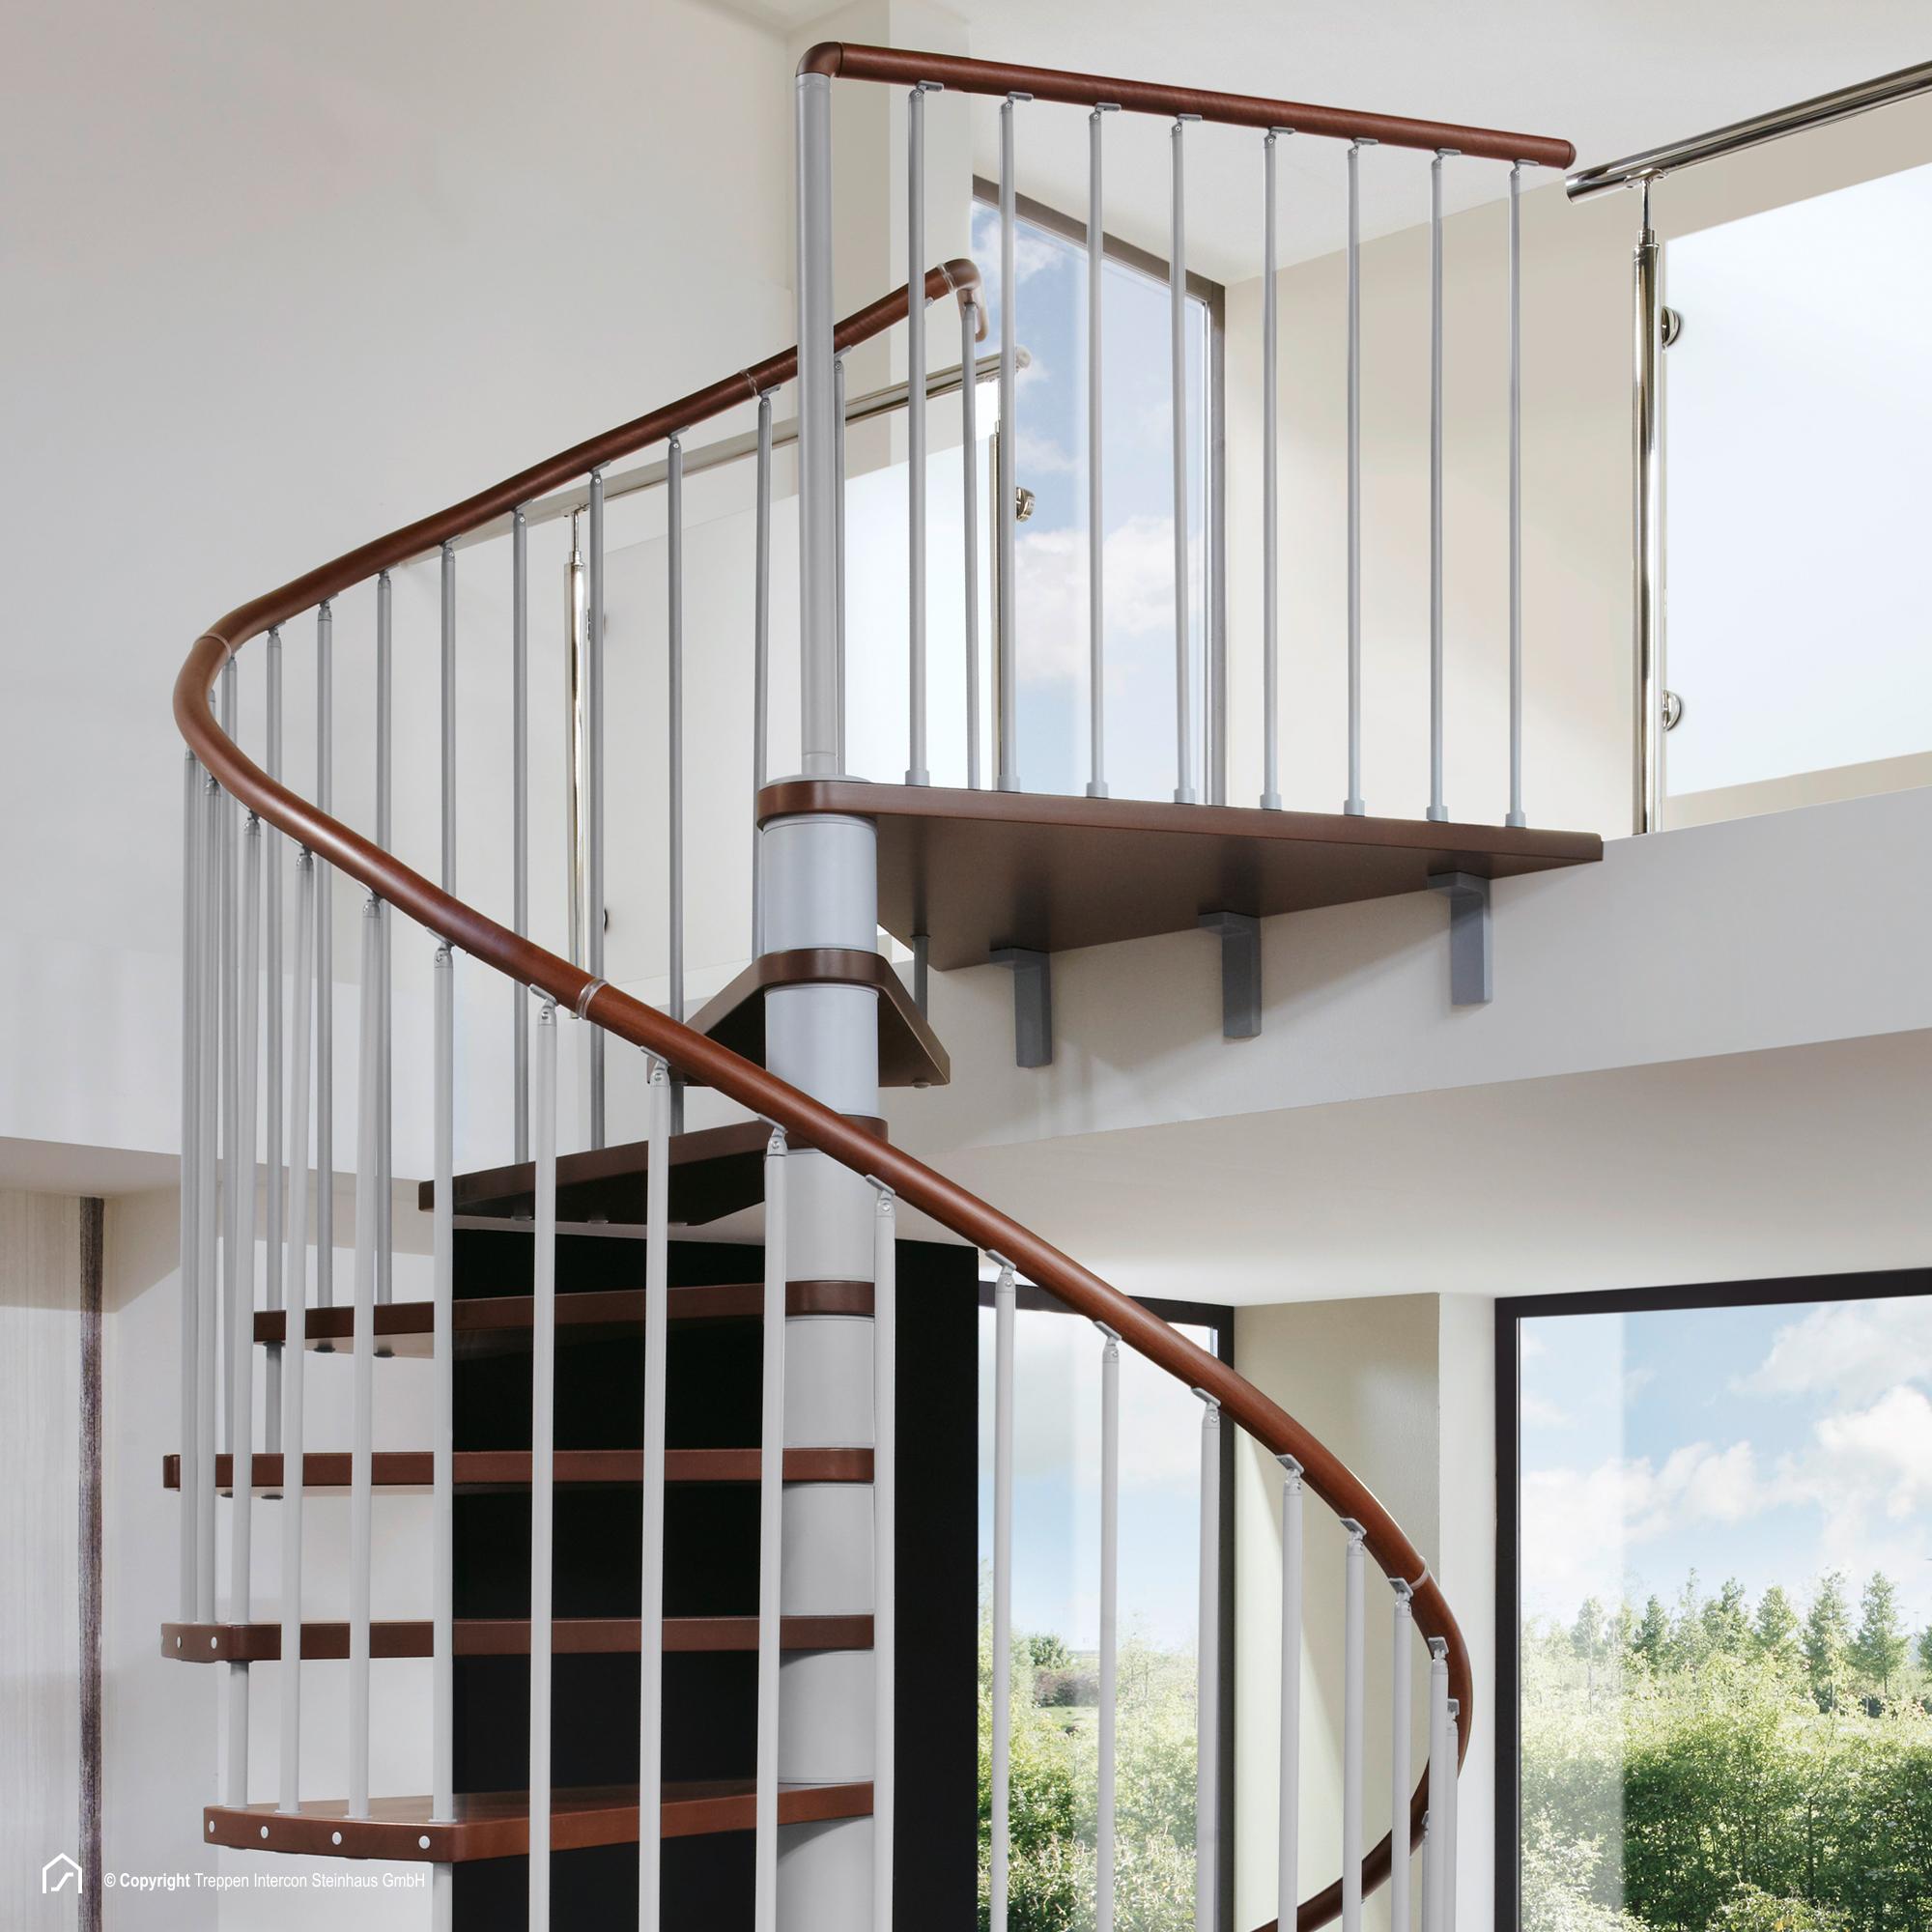 spindeltreppe intercon viva raumsparende wendeltreppe. Black Bedroom Furniture Sets. Home Design Ideas